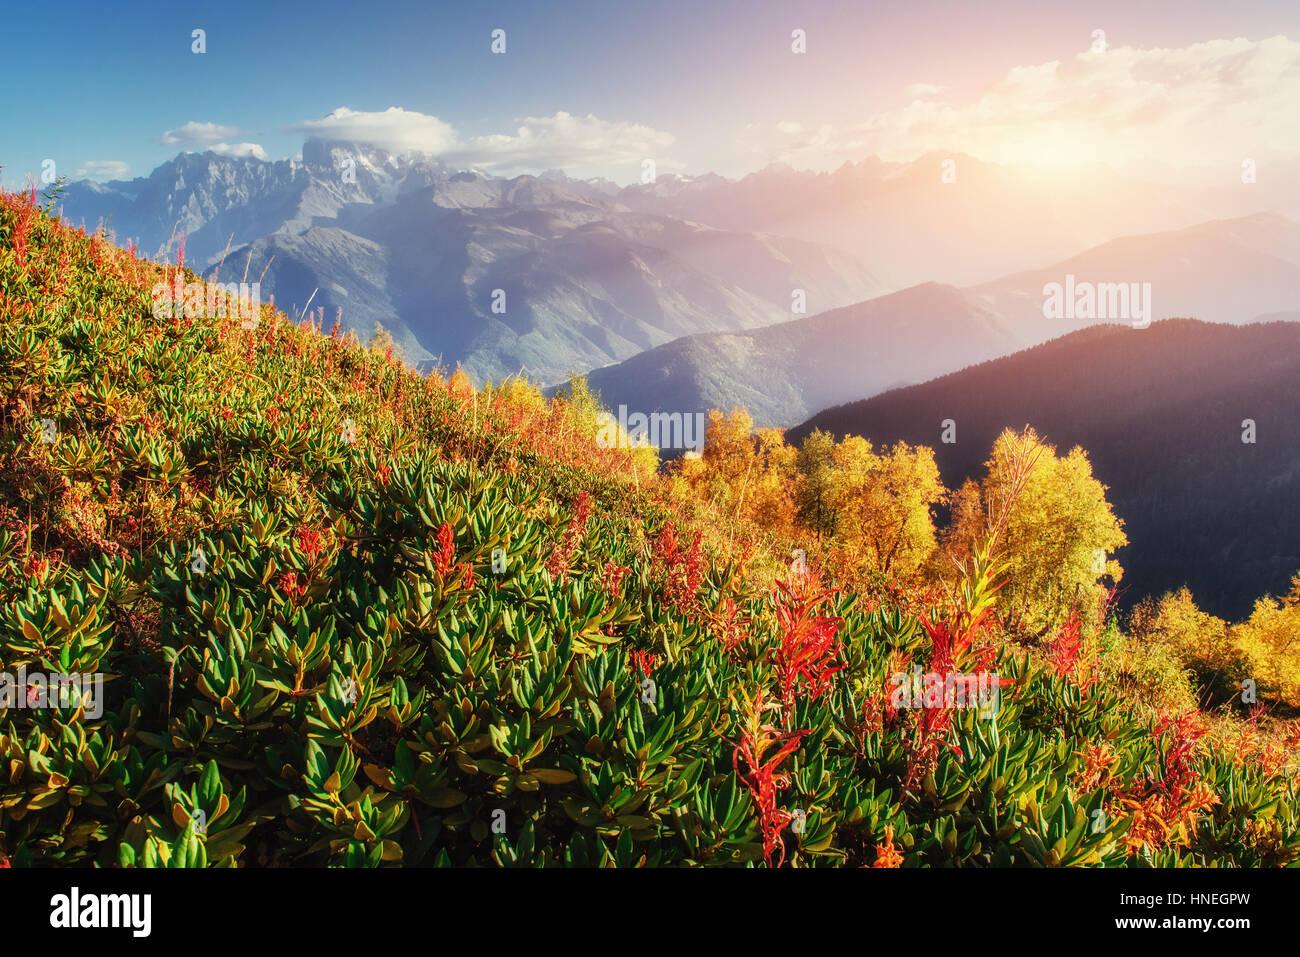 Coucher de soleil sur les sommets des montagnes. Photo Stock